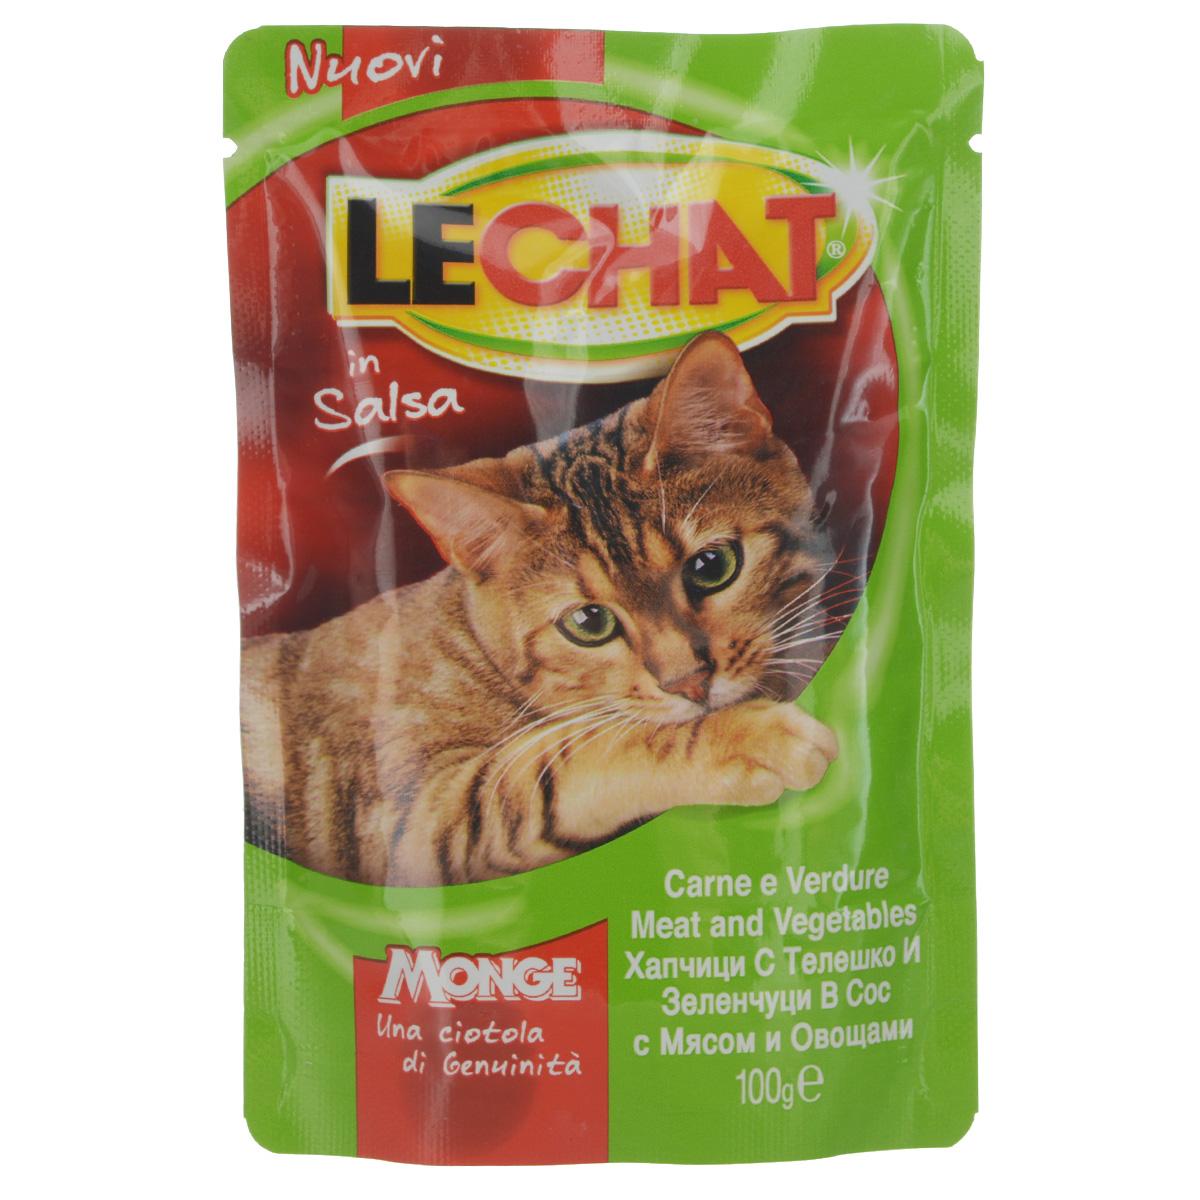 Консервы Monge Lechat для взрослых кошек, с говядиной и овощами, 100 г4255Консервы Monge Lechat для взрослых кошек тщательно приготовлены из итальянского мяса. Без добавления консервантов и антиоксидантов. Экологически чистое производство гарантирует высочайшее качество и длительные сроки хранения консервов. Тщательный отбор сырья и содержащийся в нем полный набор витаминов и микроэлементов обеспечивает отличную усвояемость и отсутствие проблем с пищеварением у ваших любимых питомцев.Состав: мясо и мясные субпродукты (мясо мин. 4%), овощи (горох мин.4%), минеральные вещества, витамины.Пищевая ценность: протеин 9%, жир 4%, клетчатка 1%, влага 82%. Витамины: витамин А 2000 МЕ/кг, витамин D3 200 МЕ/кг, витамин Е 5 мг/кг.Товар сертифицирован.